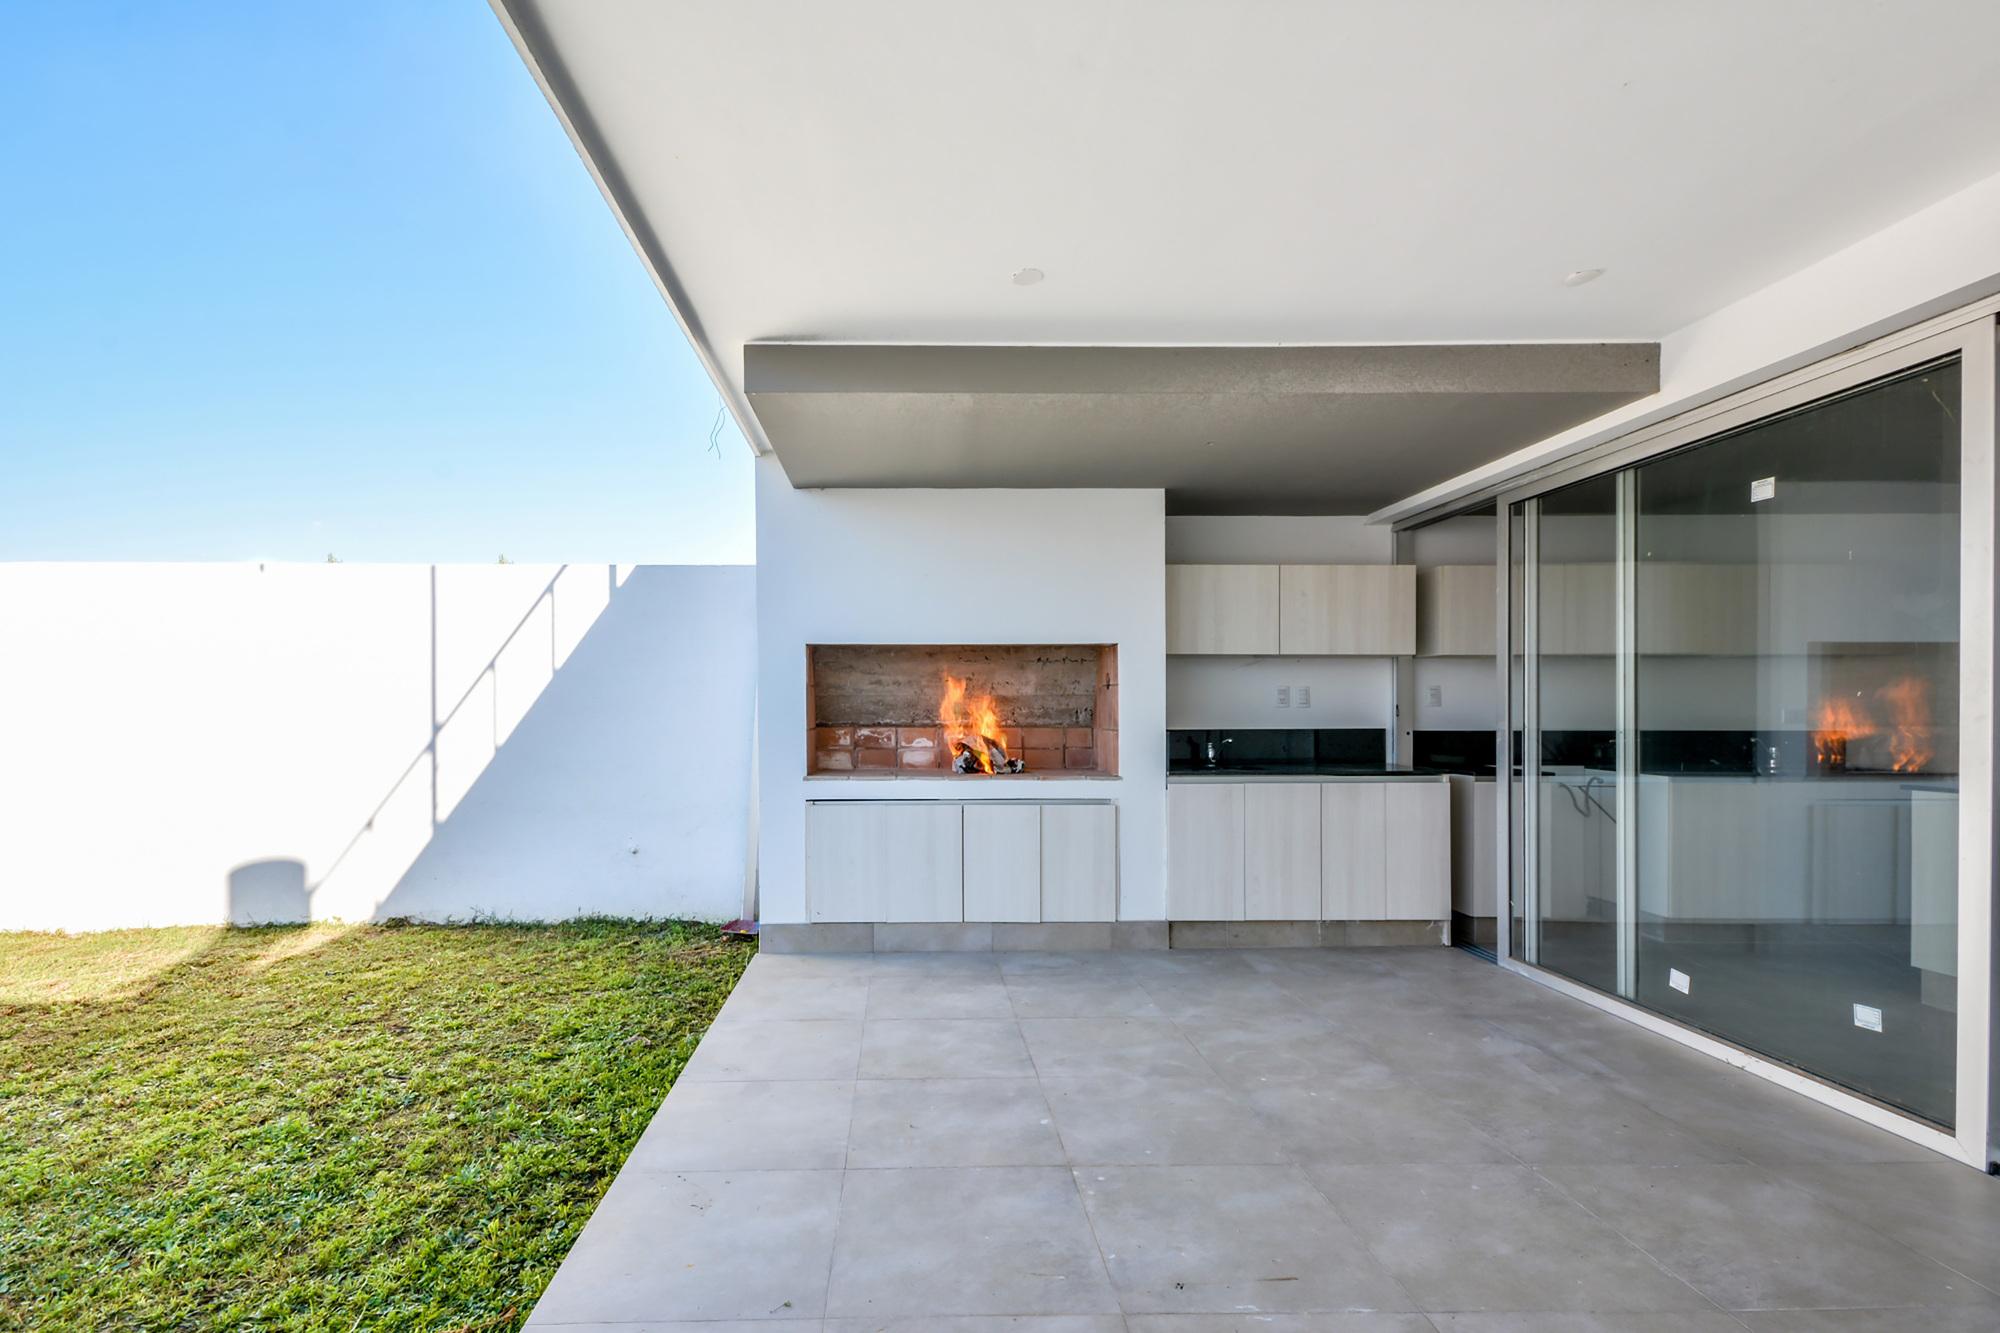 Galeria de casas geminadas estudio a 3 11 - Estudio 3 arquitectos ...